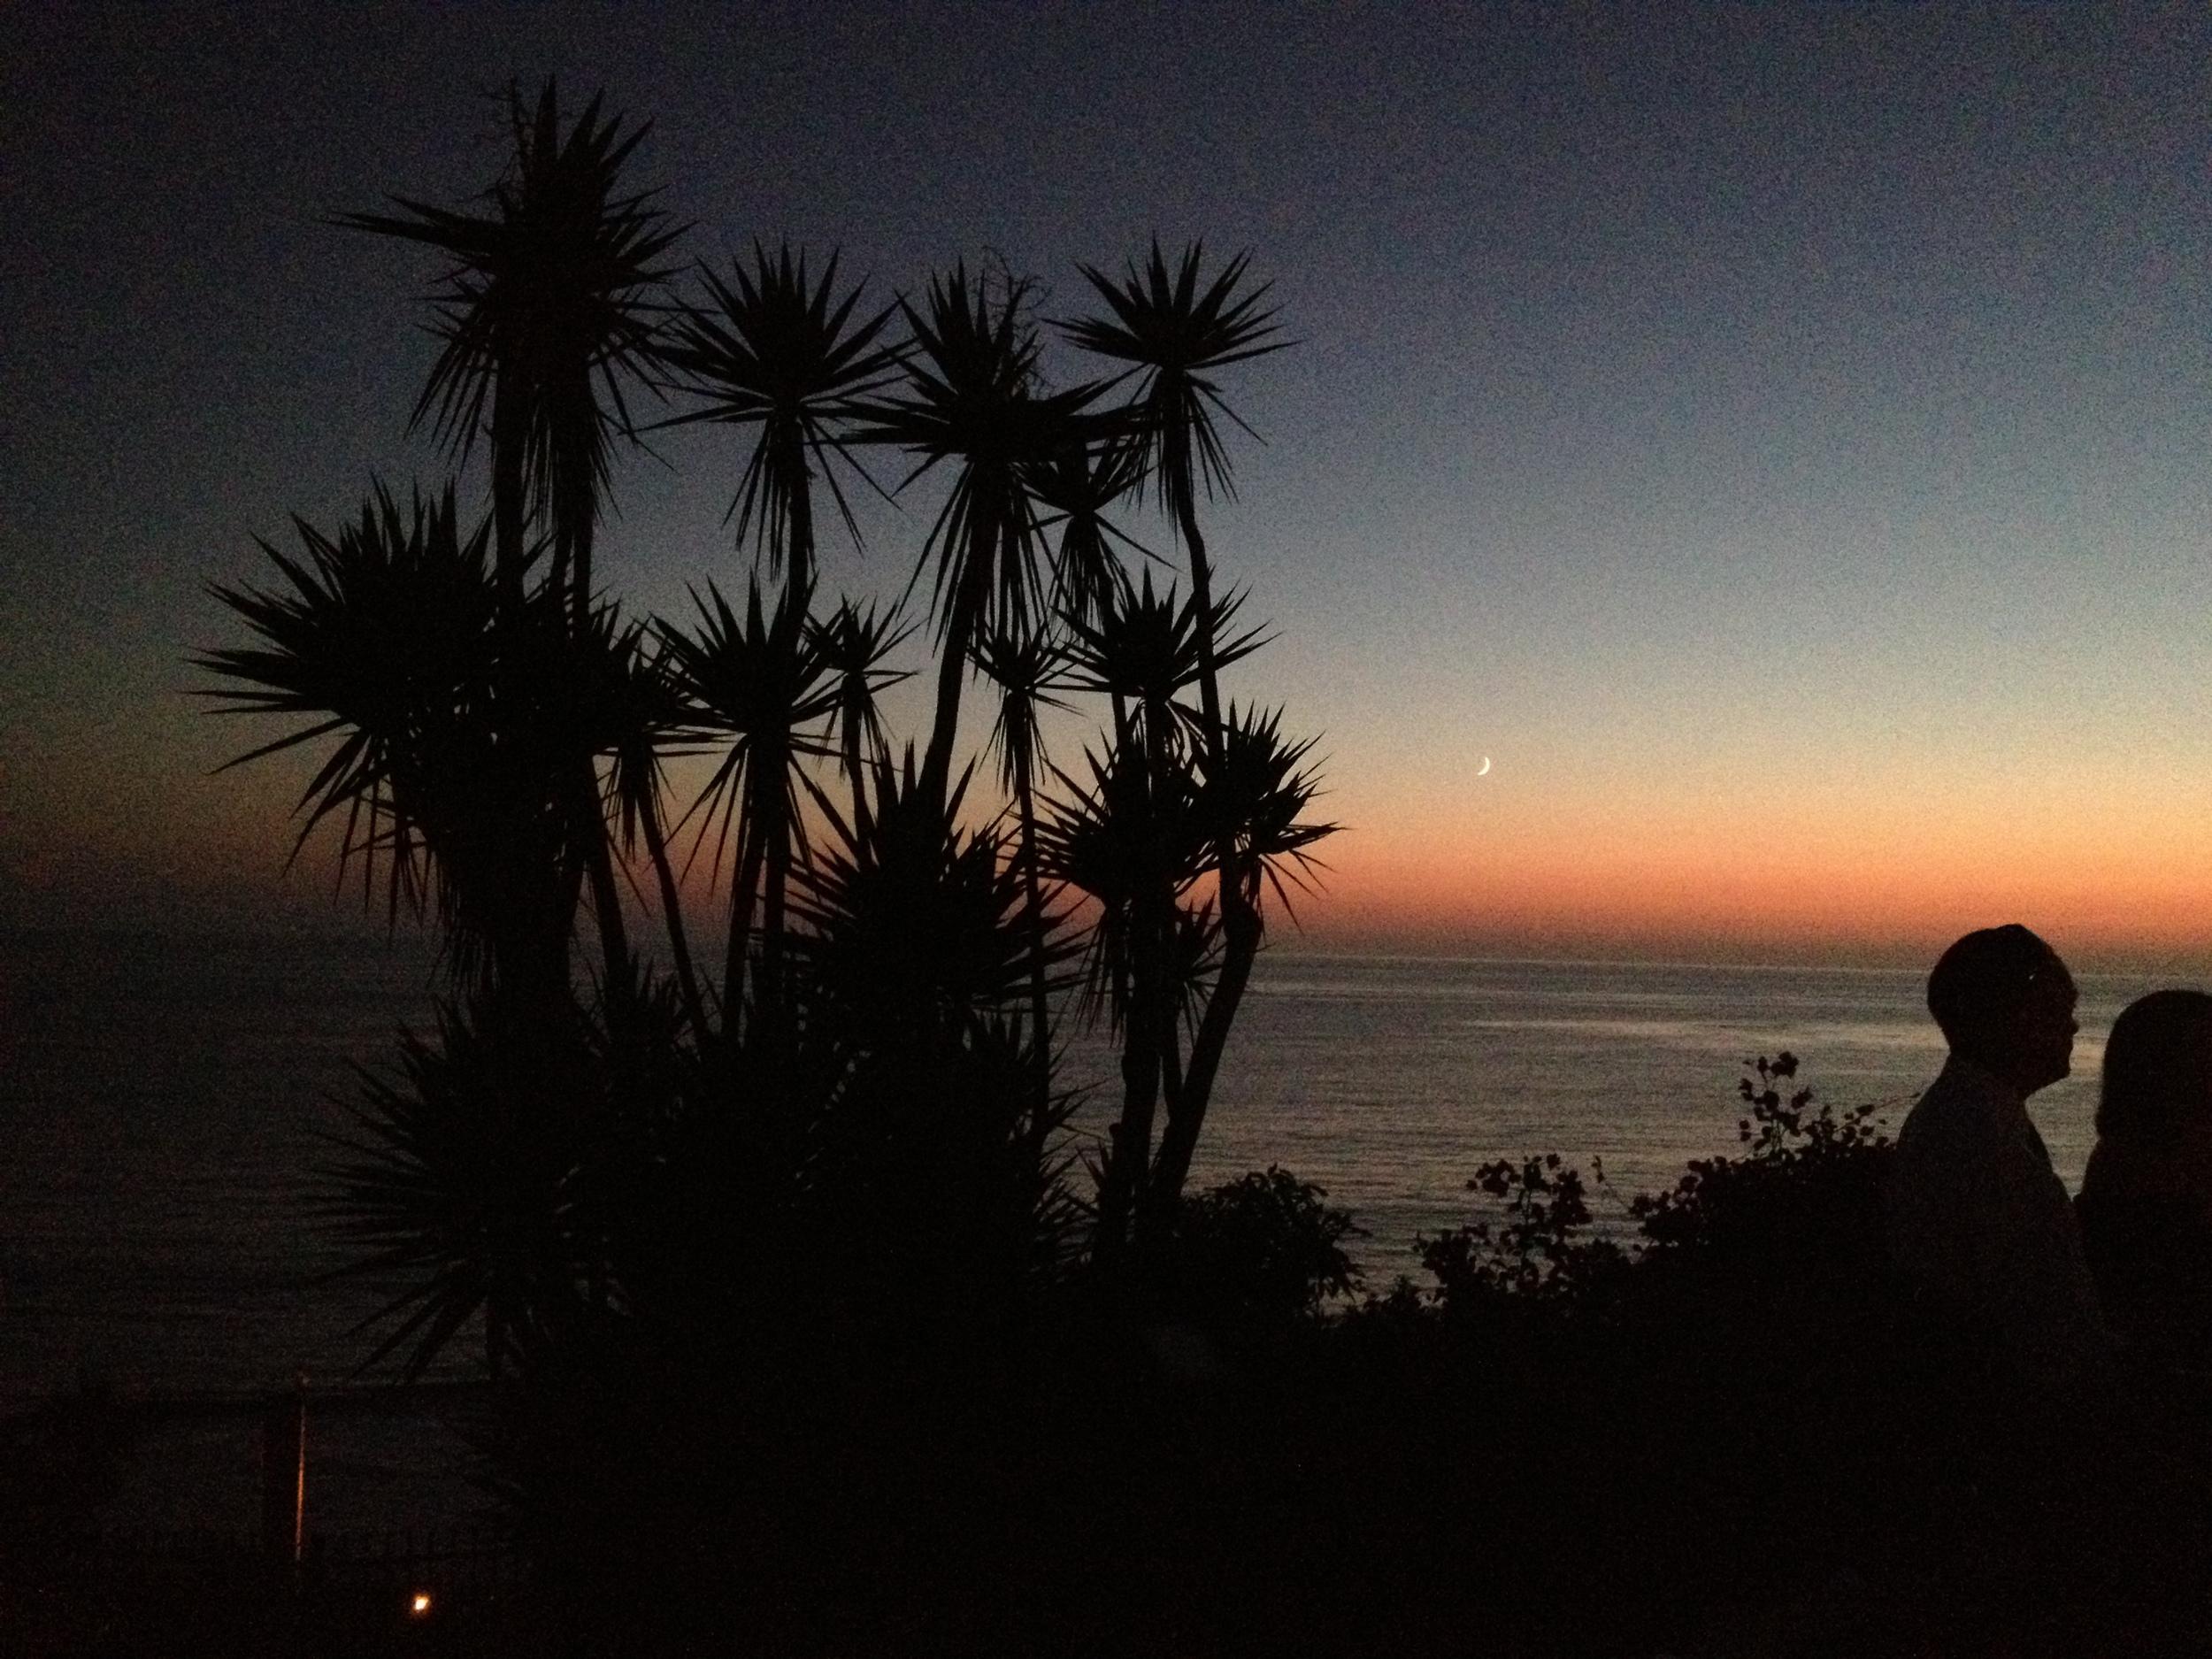 San Clemente Pier Copyright © 2014Just Appraisals, Inc.